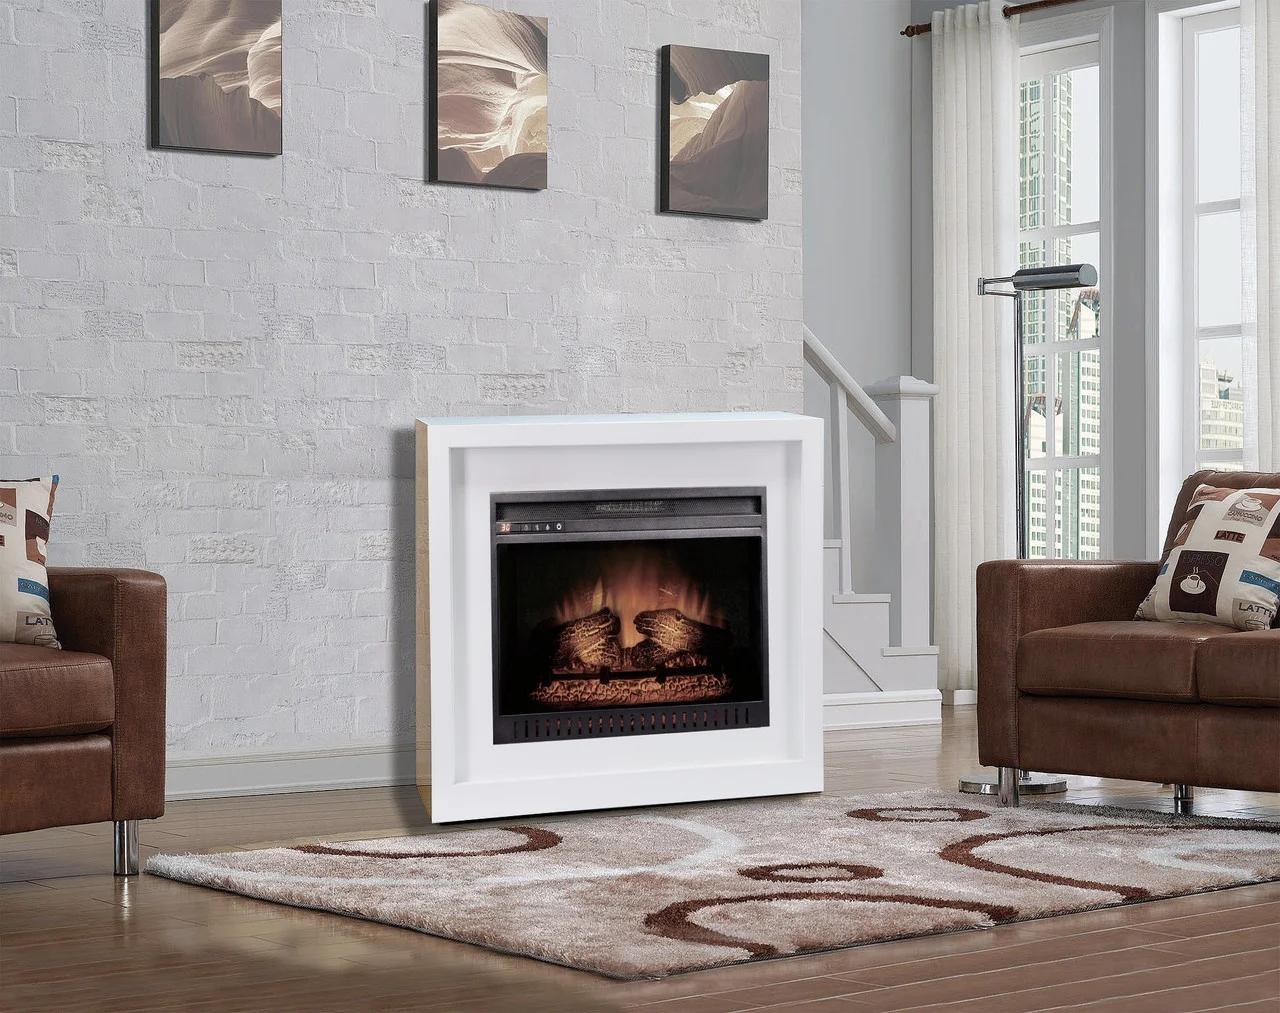 Современный каминокомплект ArtiFlame Bronx AF 26 с 3D имитации пламени и инфракрасного обогрева